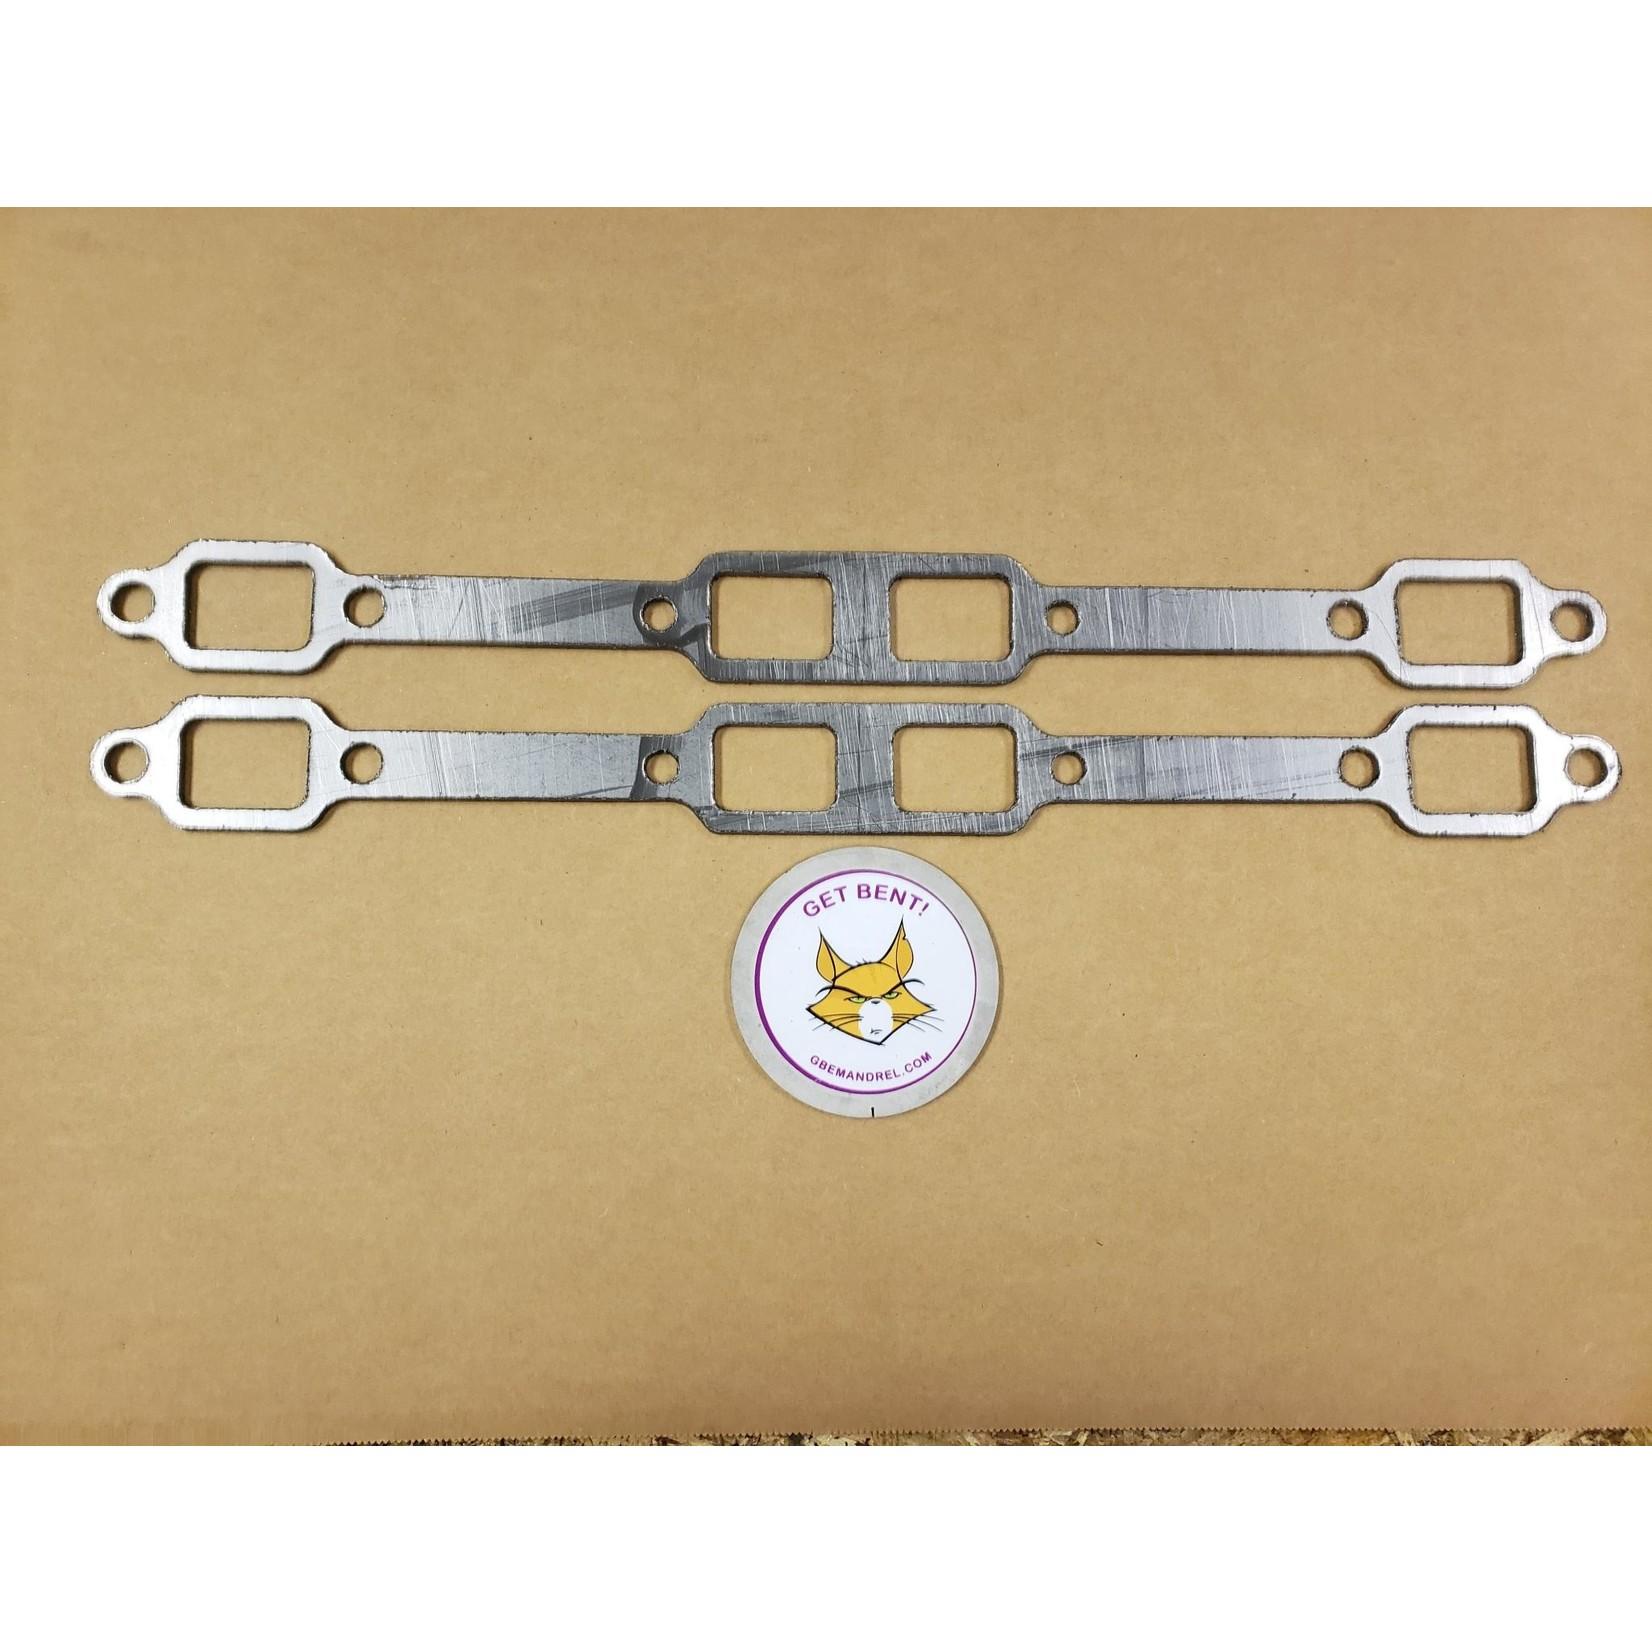 GBE MOPAR 383-440 GRAPHITE HEADER GASKETS